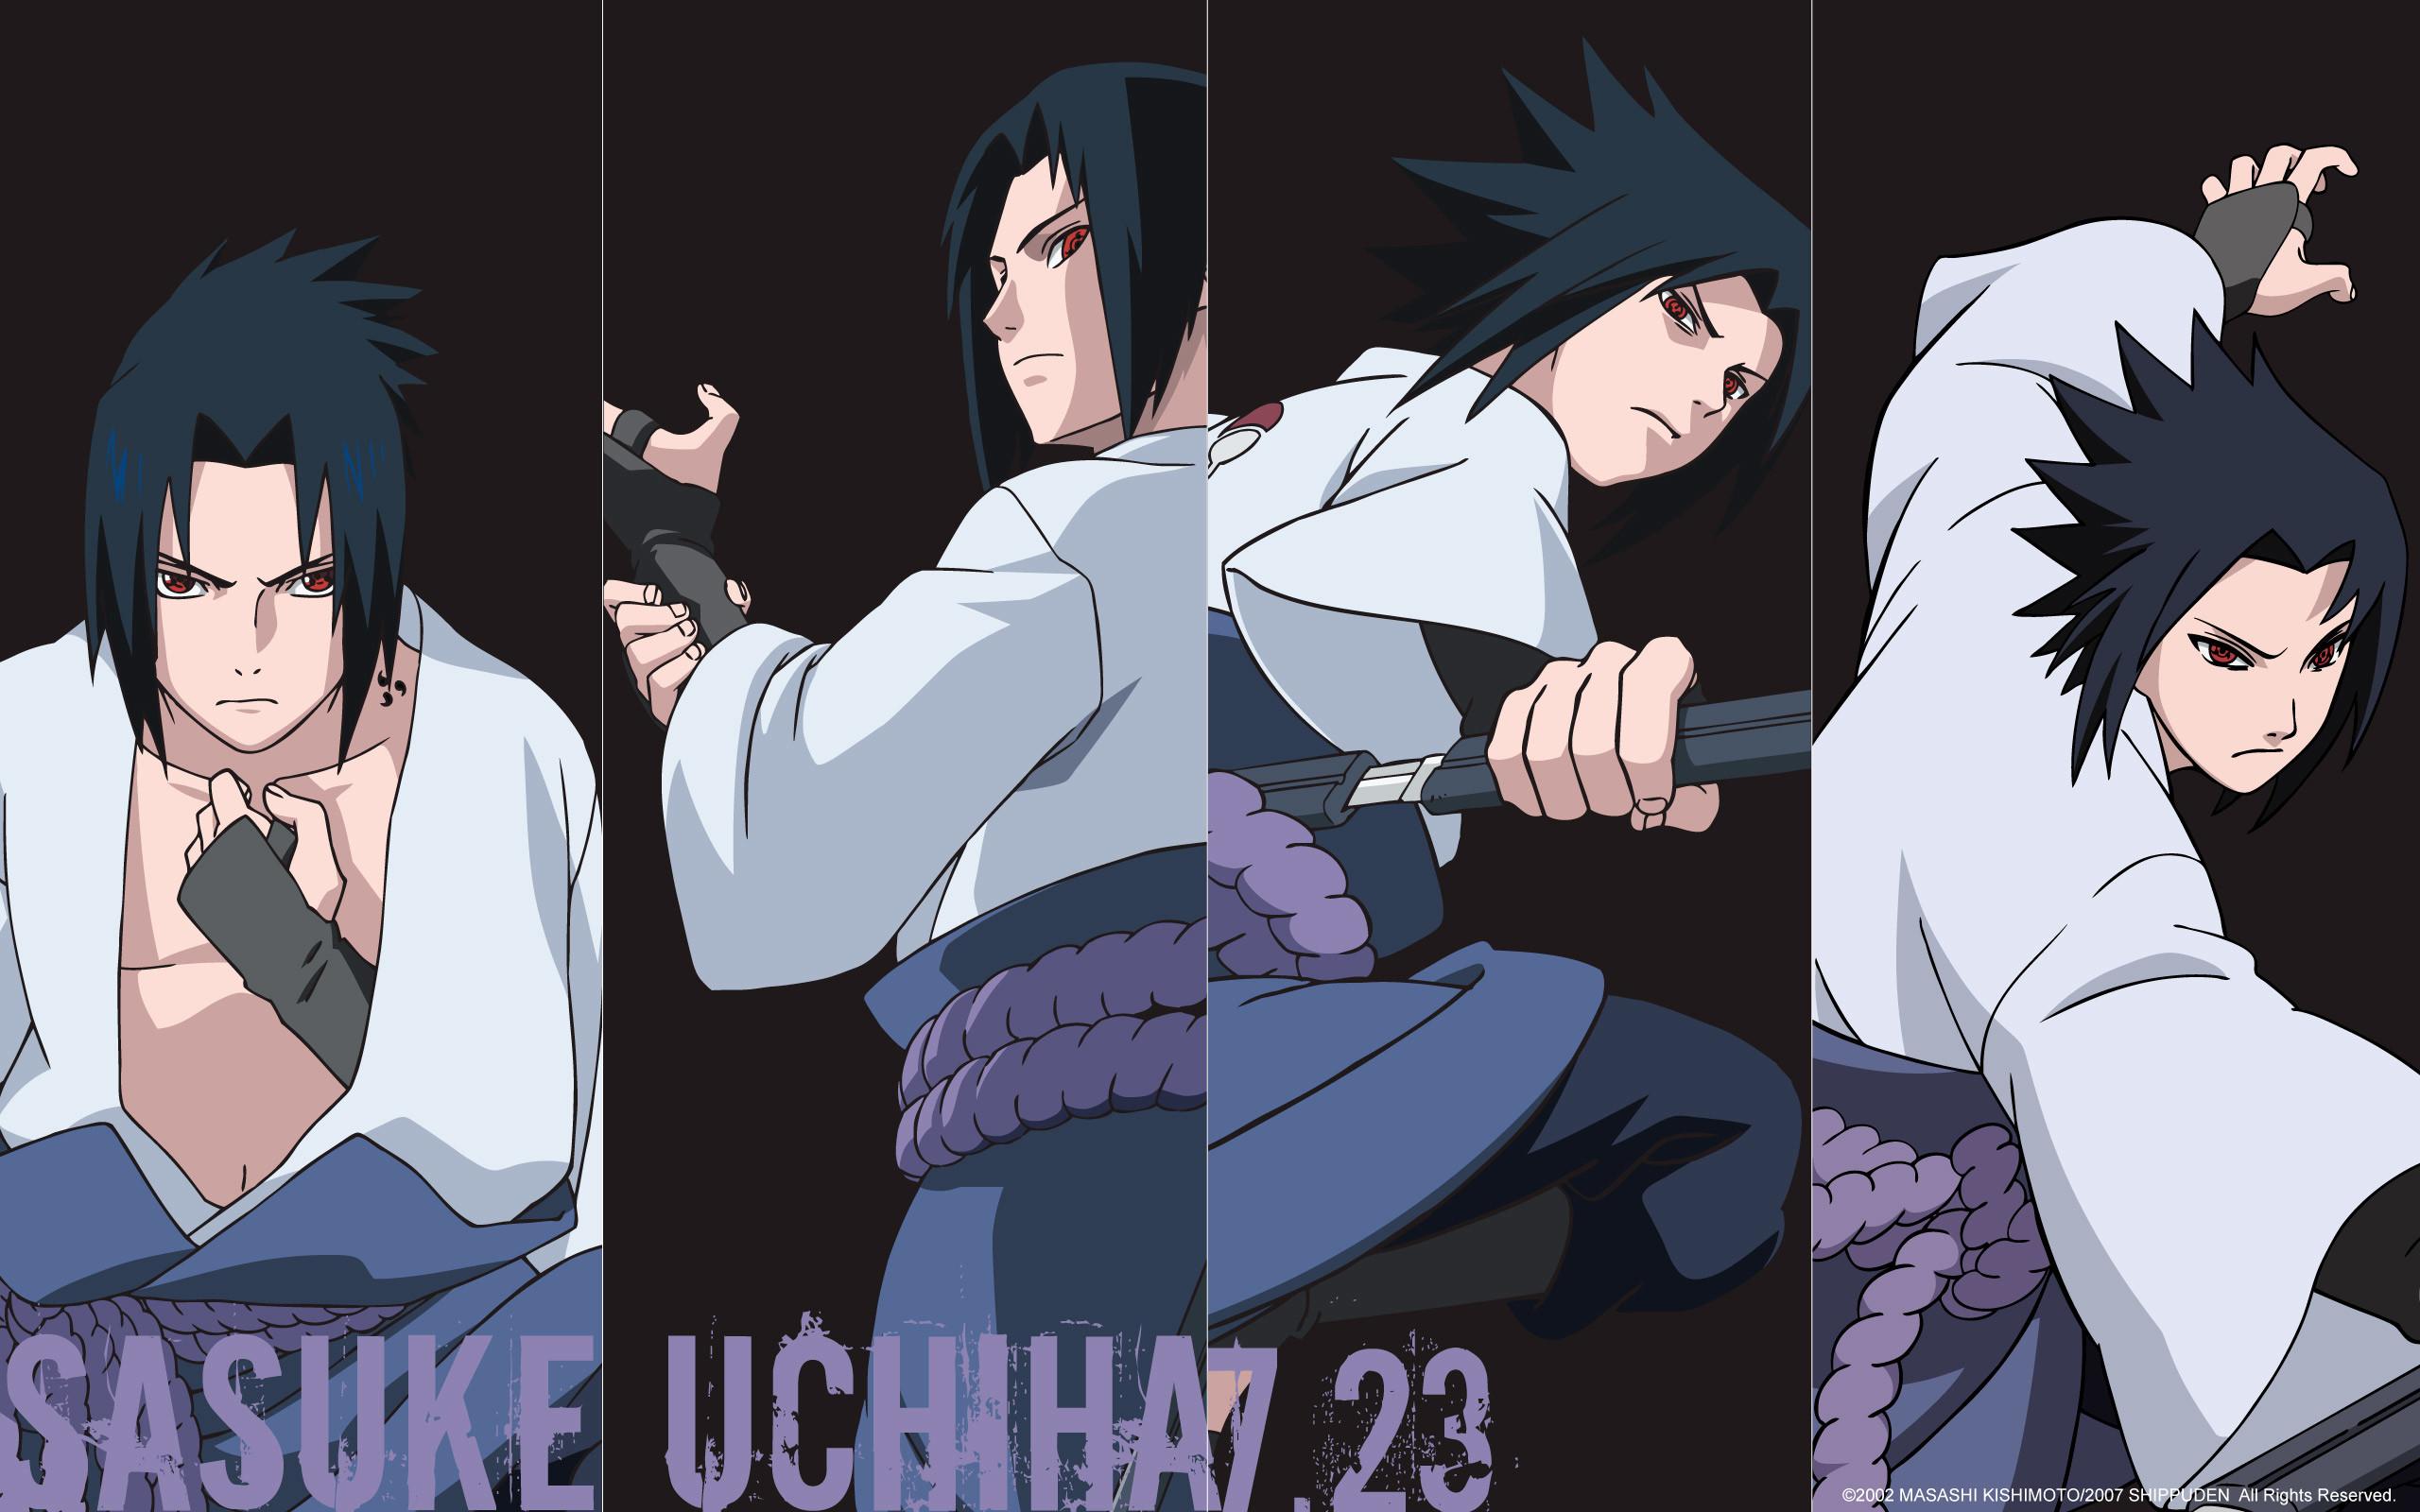 Uchiha Sasuke · download Uchiha Sasuke image